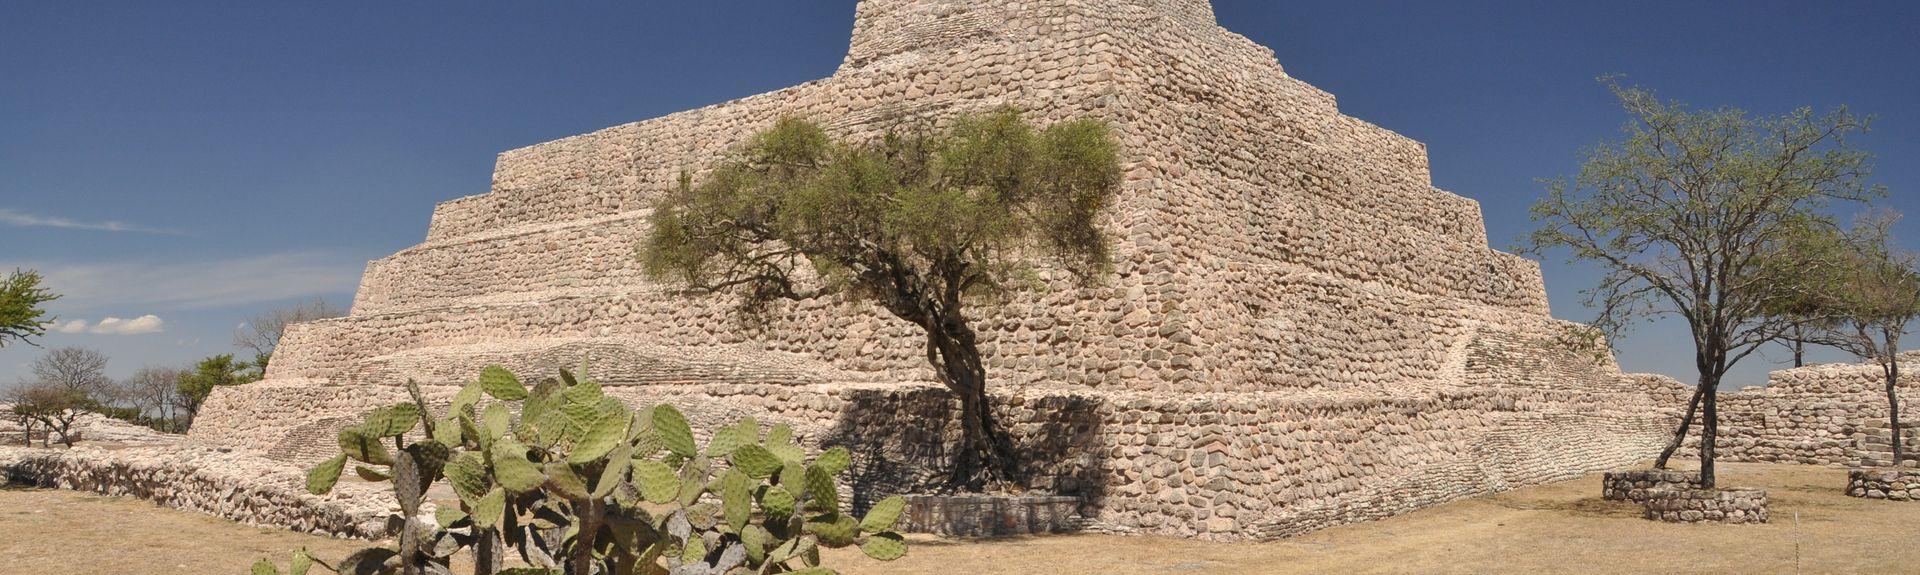 Colonia Guadalupe, Guanajuato, México